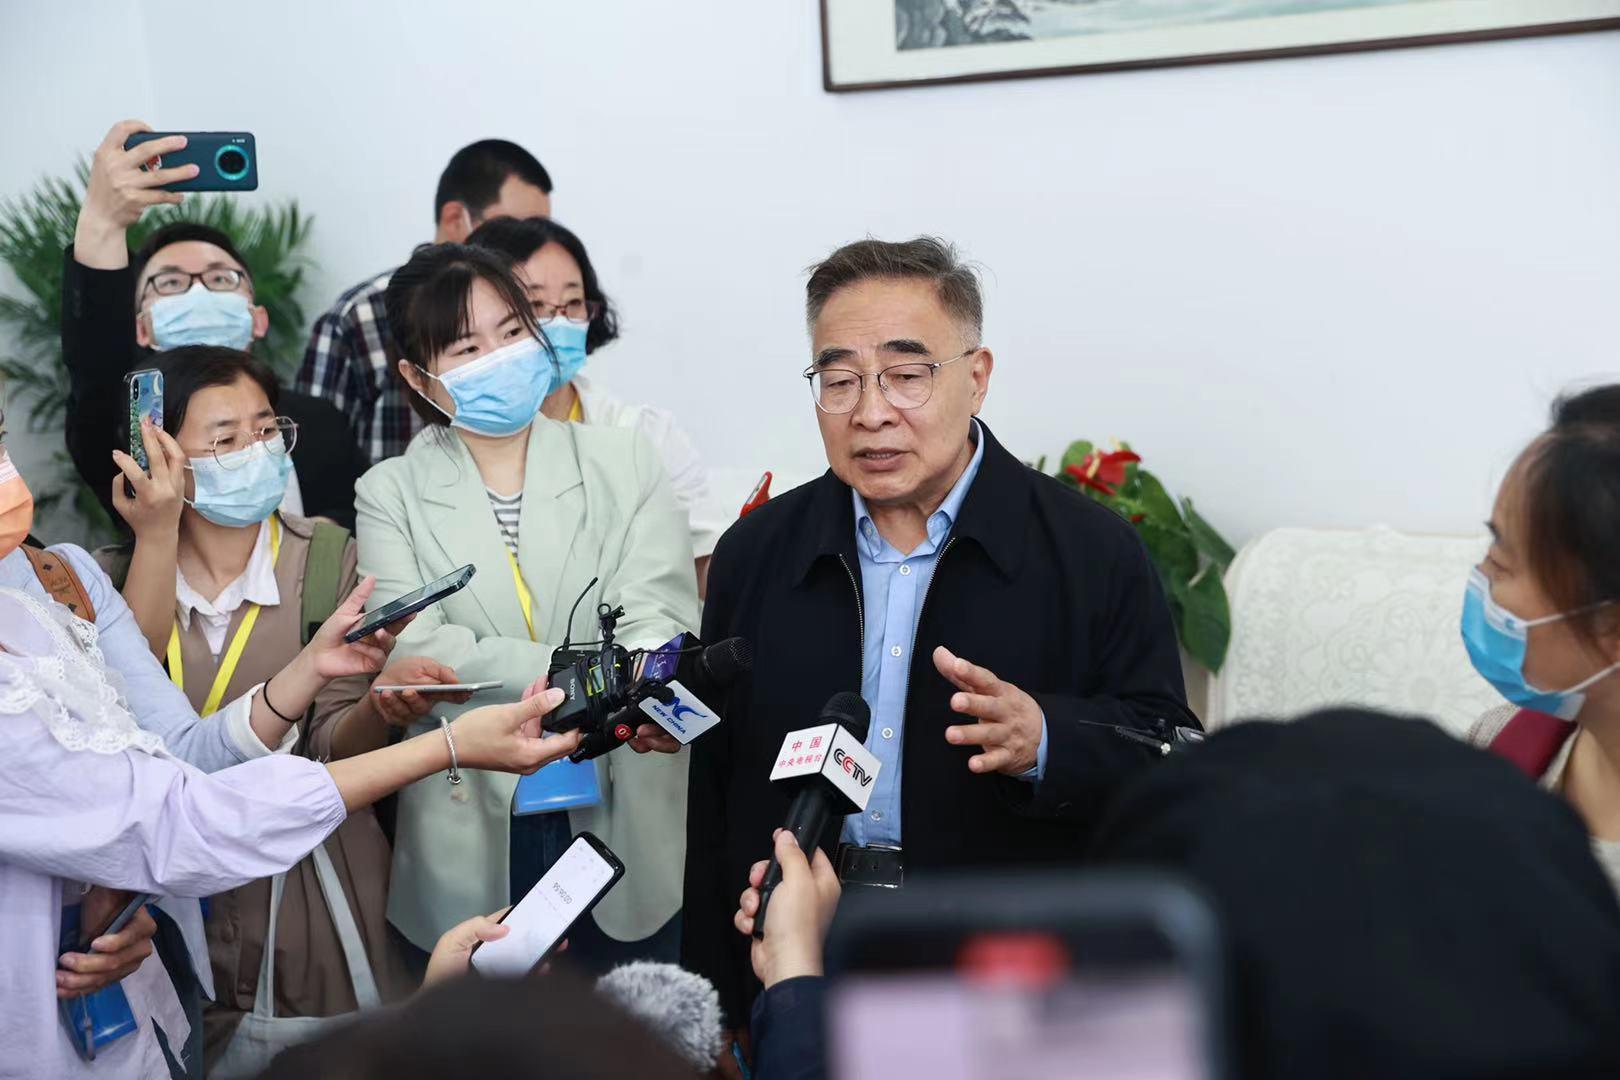 张伯礼:青年报考医学院热情空前高涨